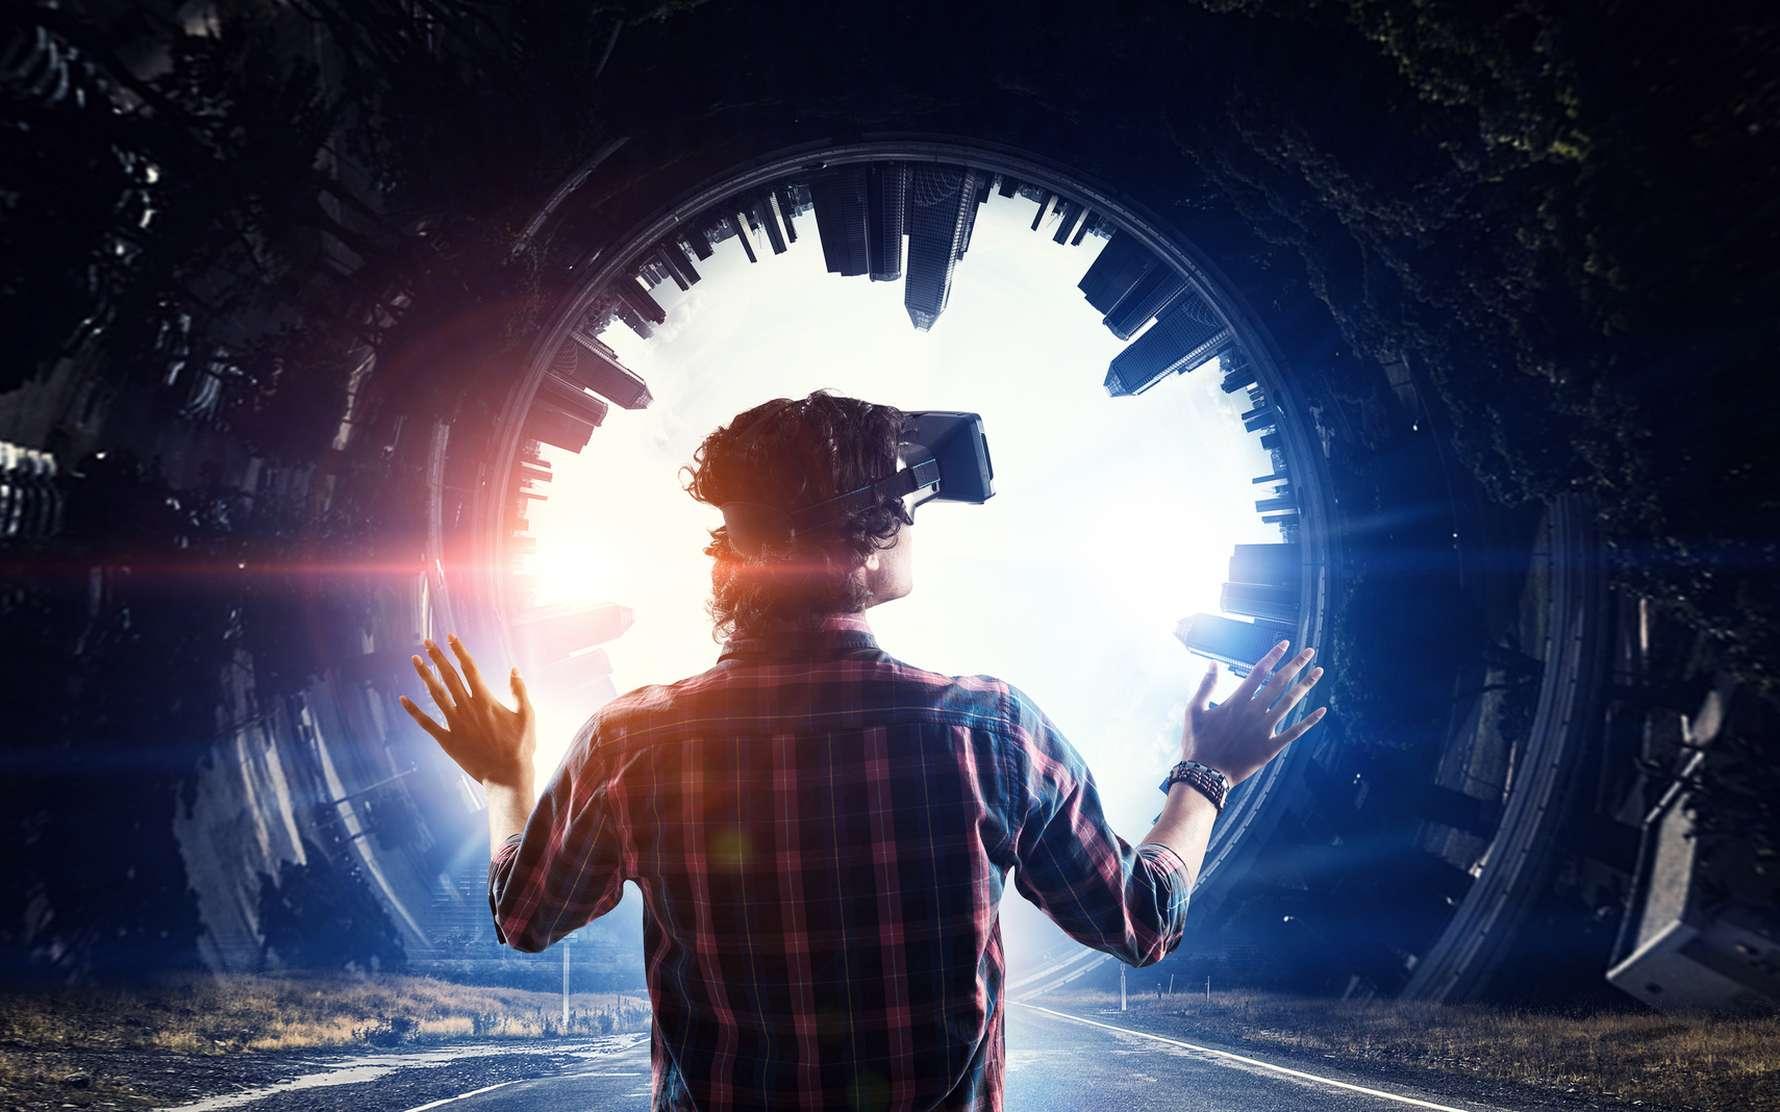 La réalité virtuelle a connu un élan à partir de 2015 grâce à l'arrivée de casques plus abordables et à la volonté de plusieurs grandes marques (Facebook, Google, Samsung, Sony…) qui ont décidé de miser sur cette technologie. © Sergey Nivens, fotolia